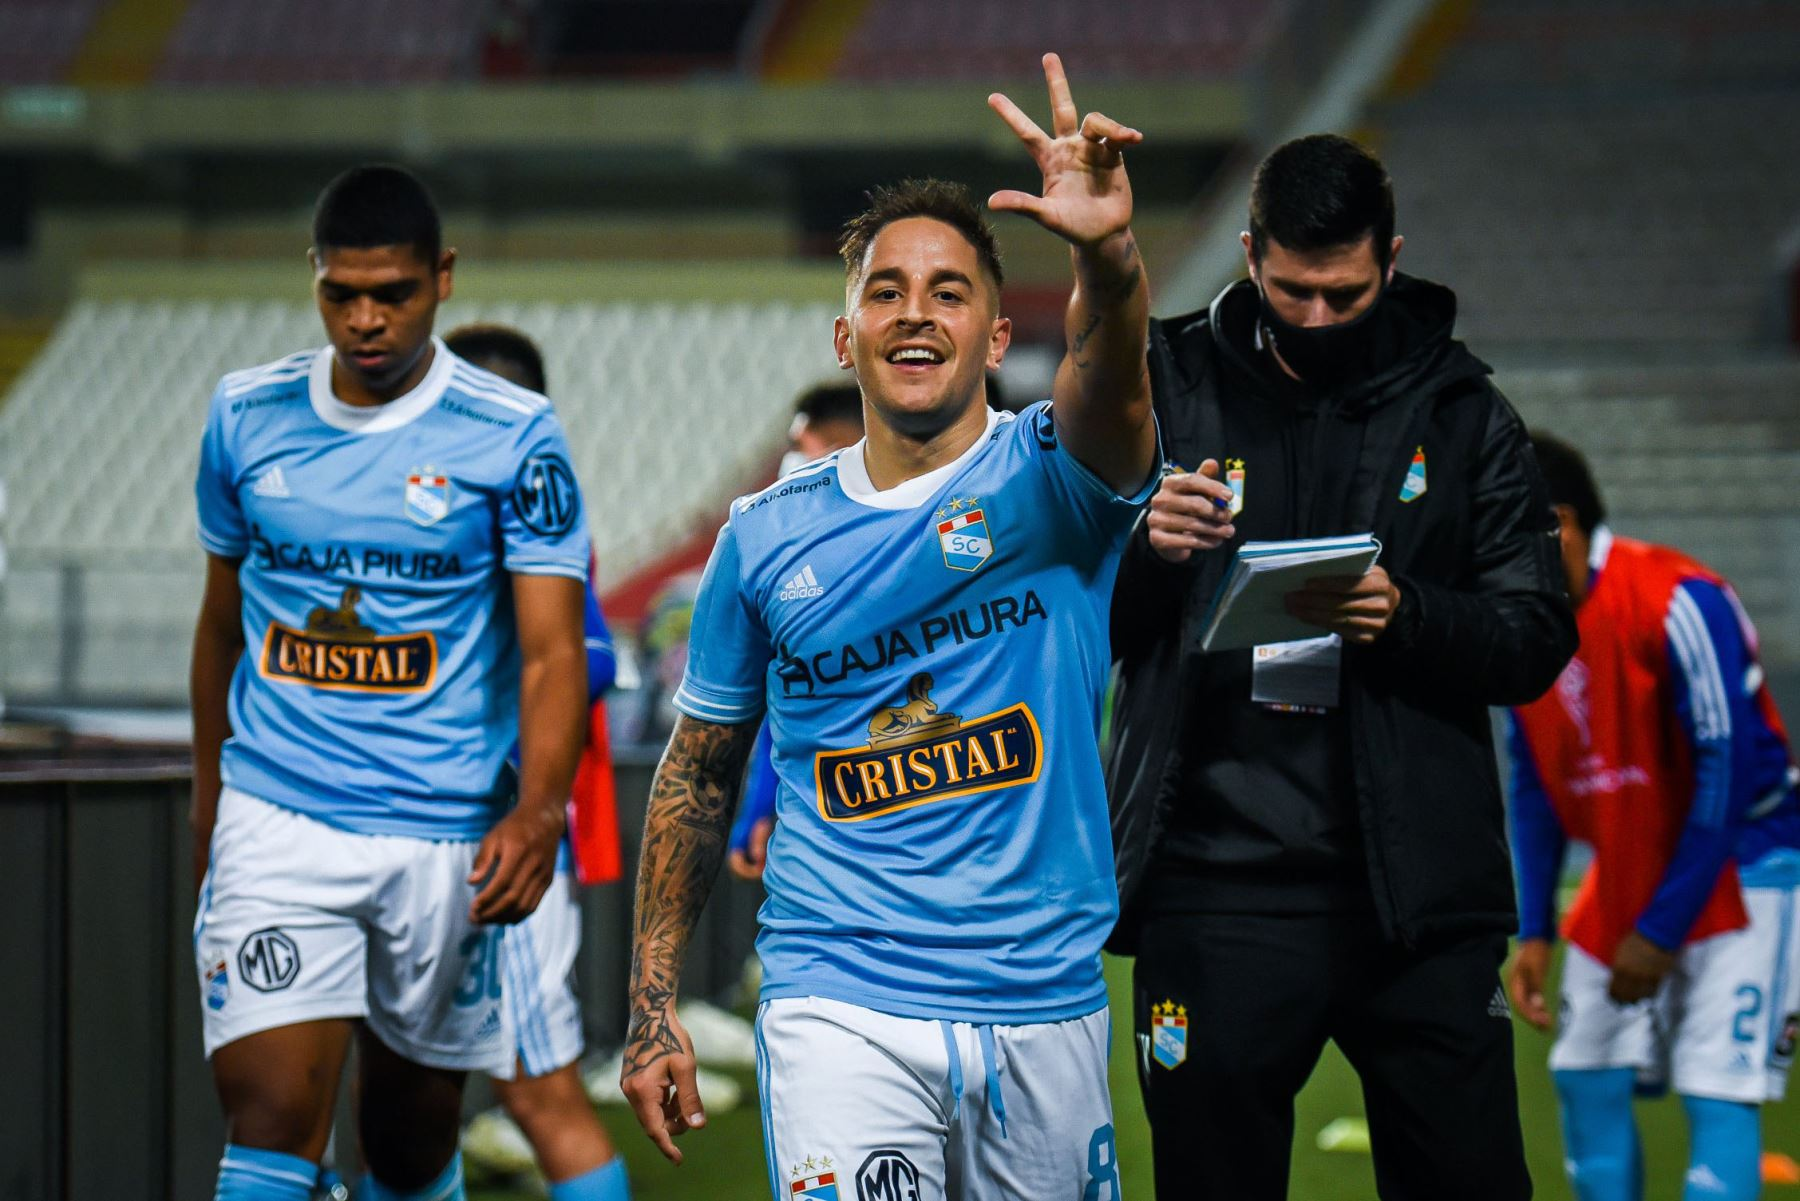 El ganador se medirá con el vencedor de la llave entre los uruguayos Peñarol y Nacional, que jugarán el jueves. Foto: @ClubSCristal.